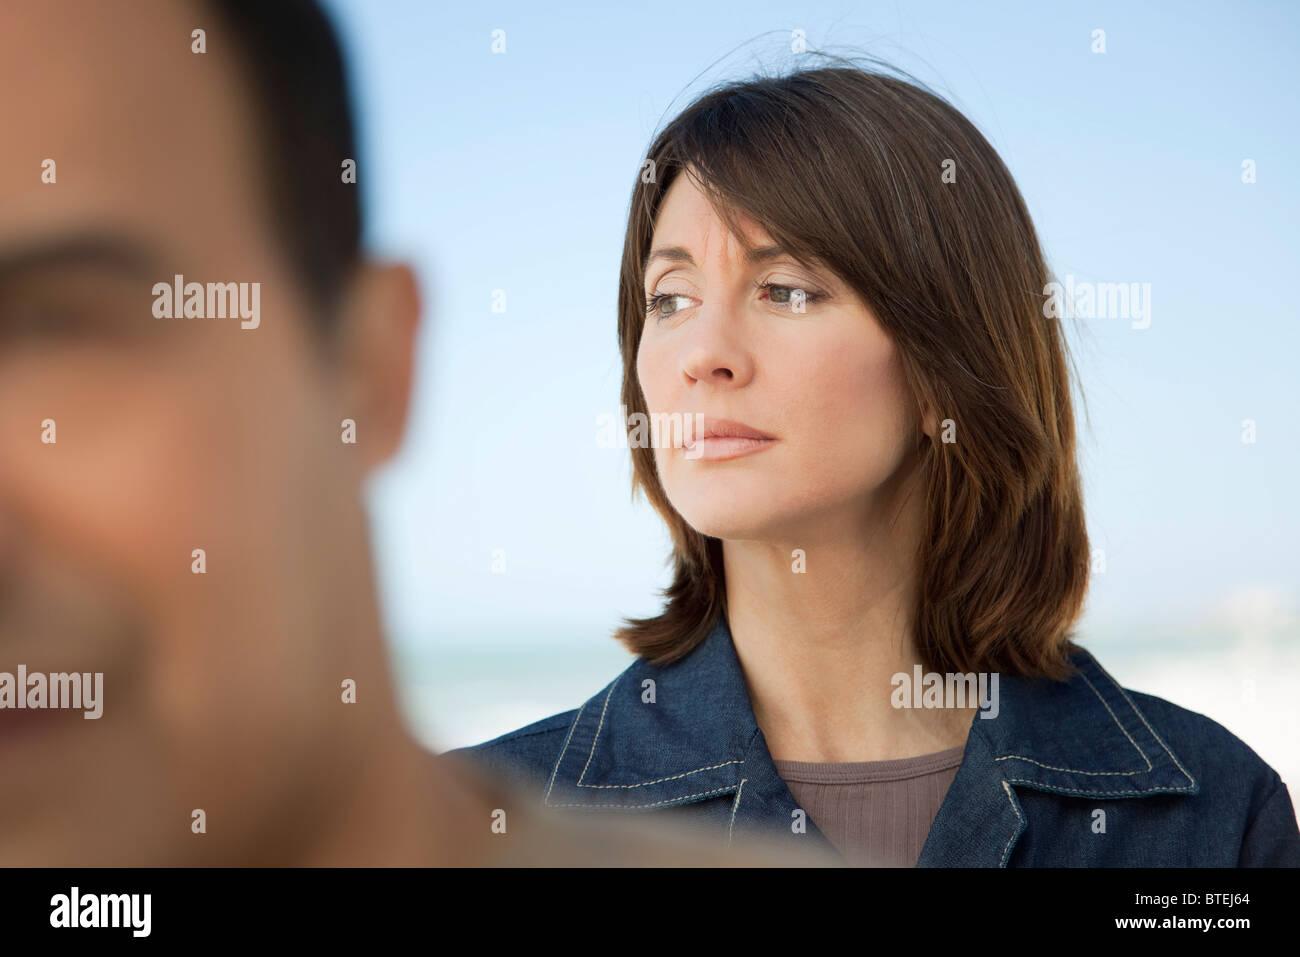 Frau Mann im Vordergrund mit zerfurchte Stirn, wegschauen Stockfoto